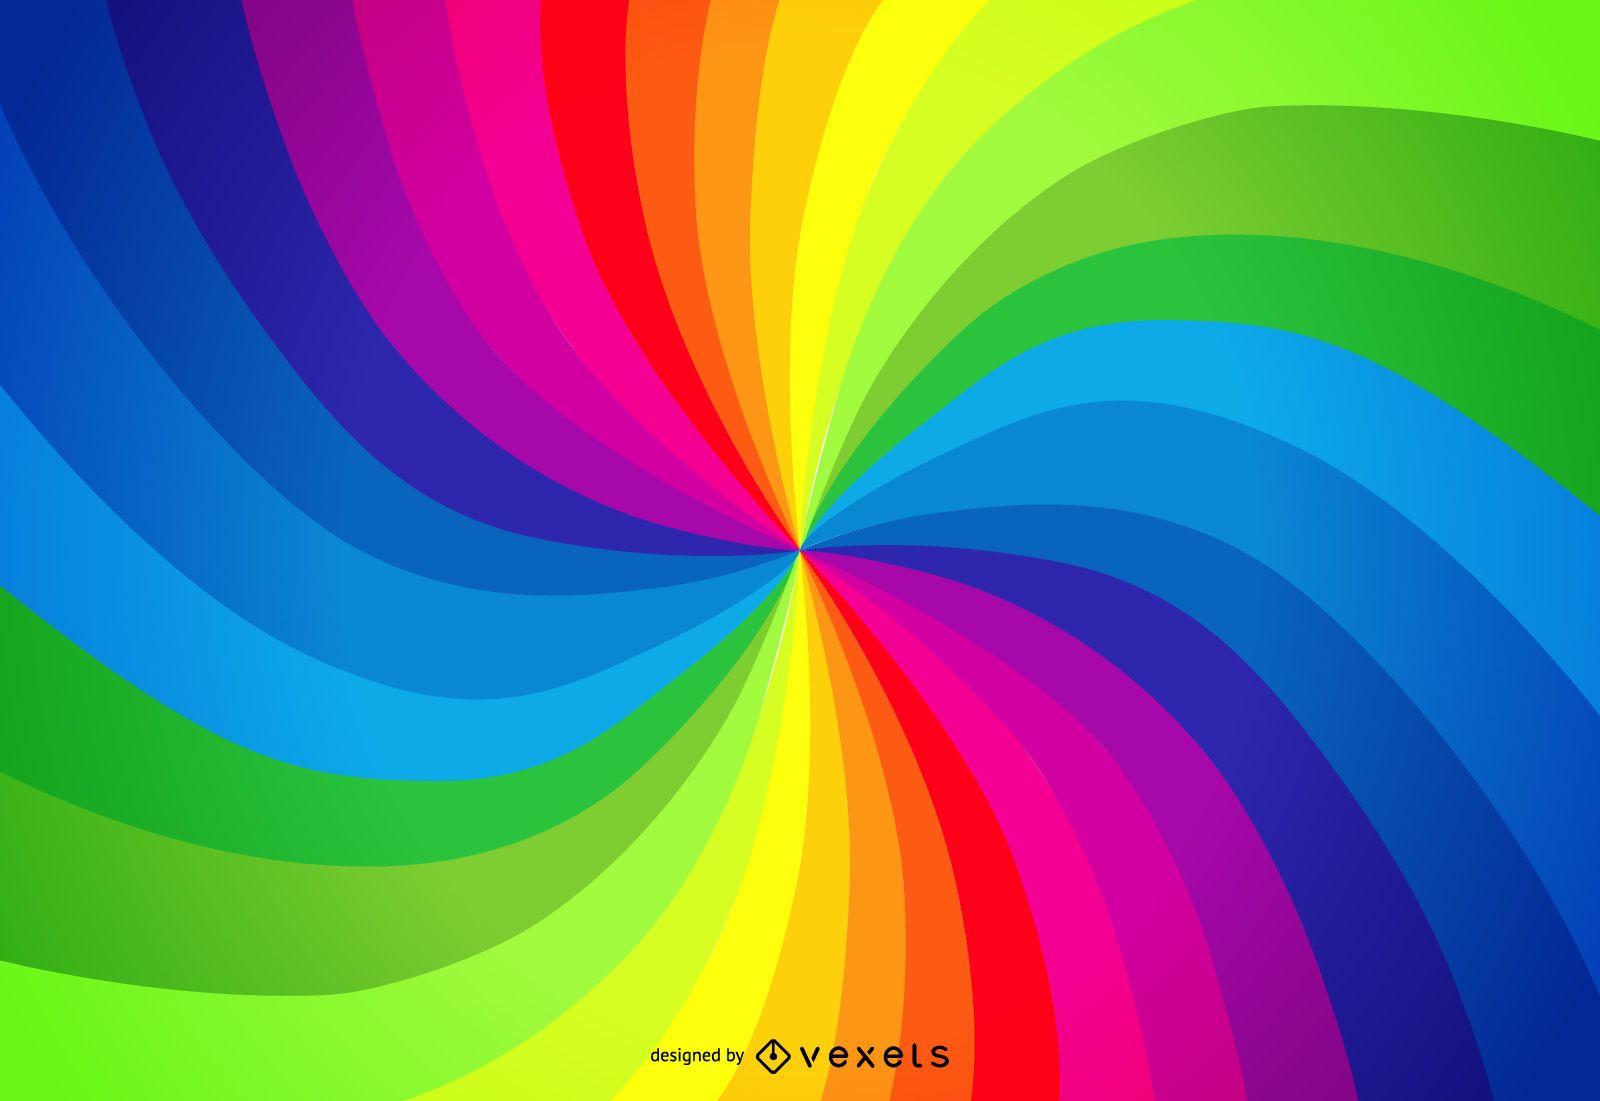 Rainbow palette swirl background